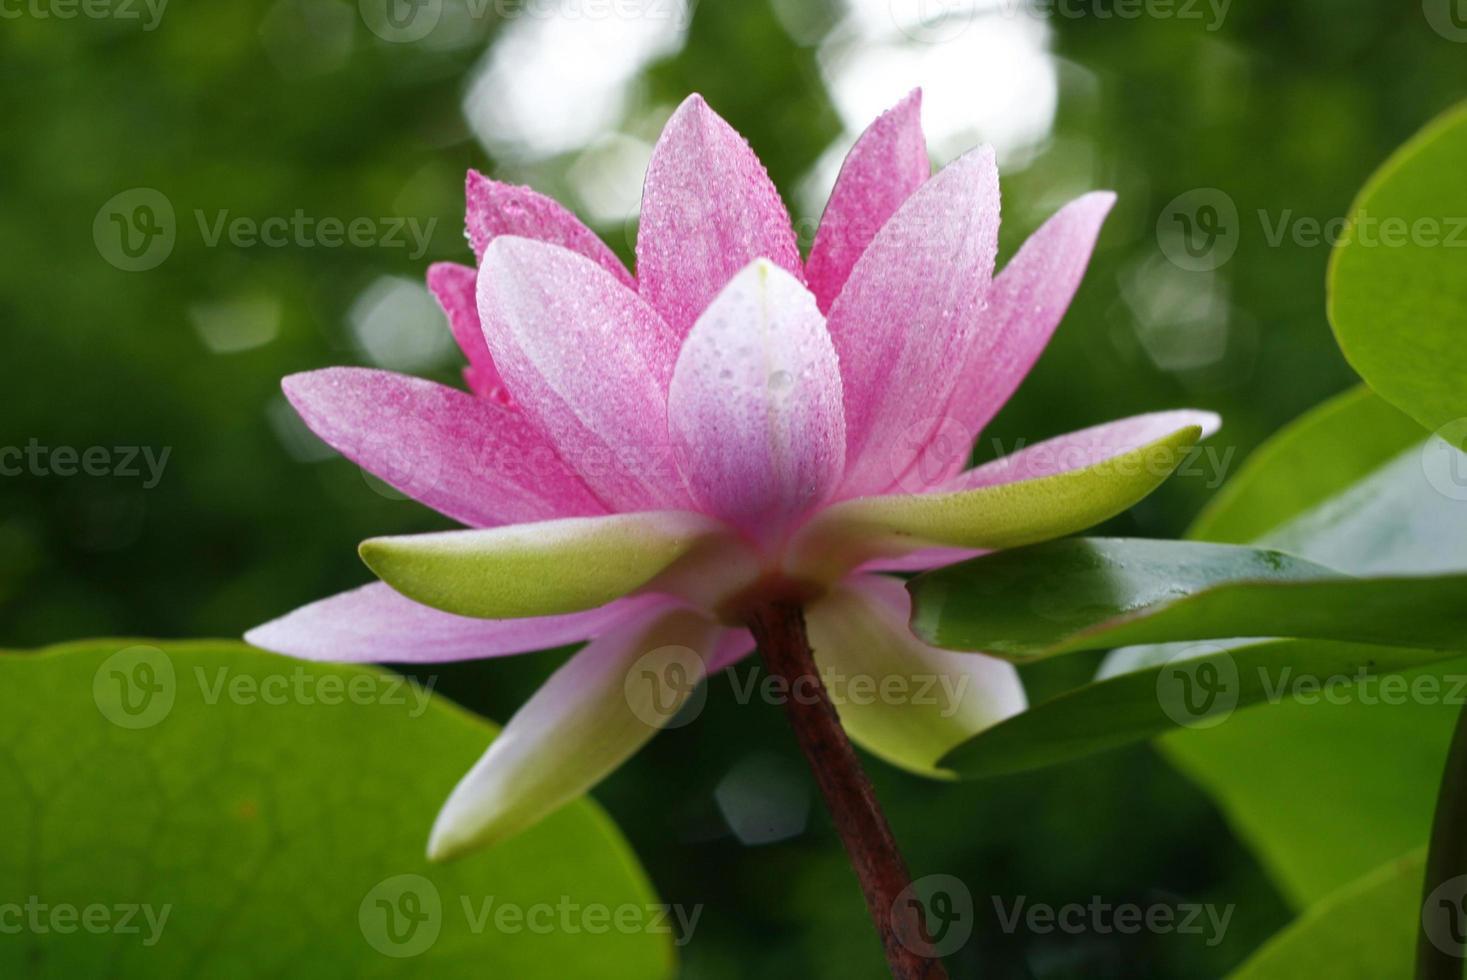 lotusblomma och lotusblommor foto